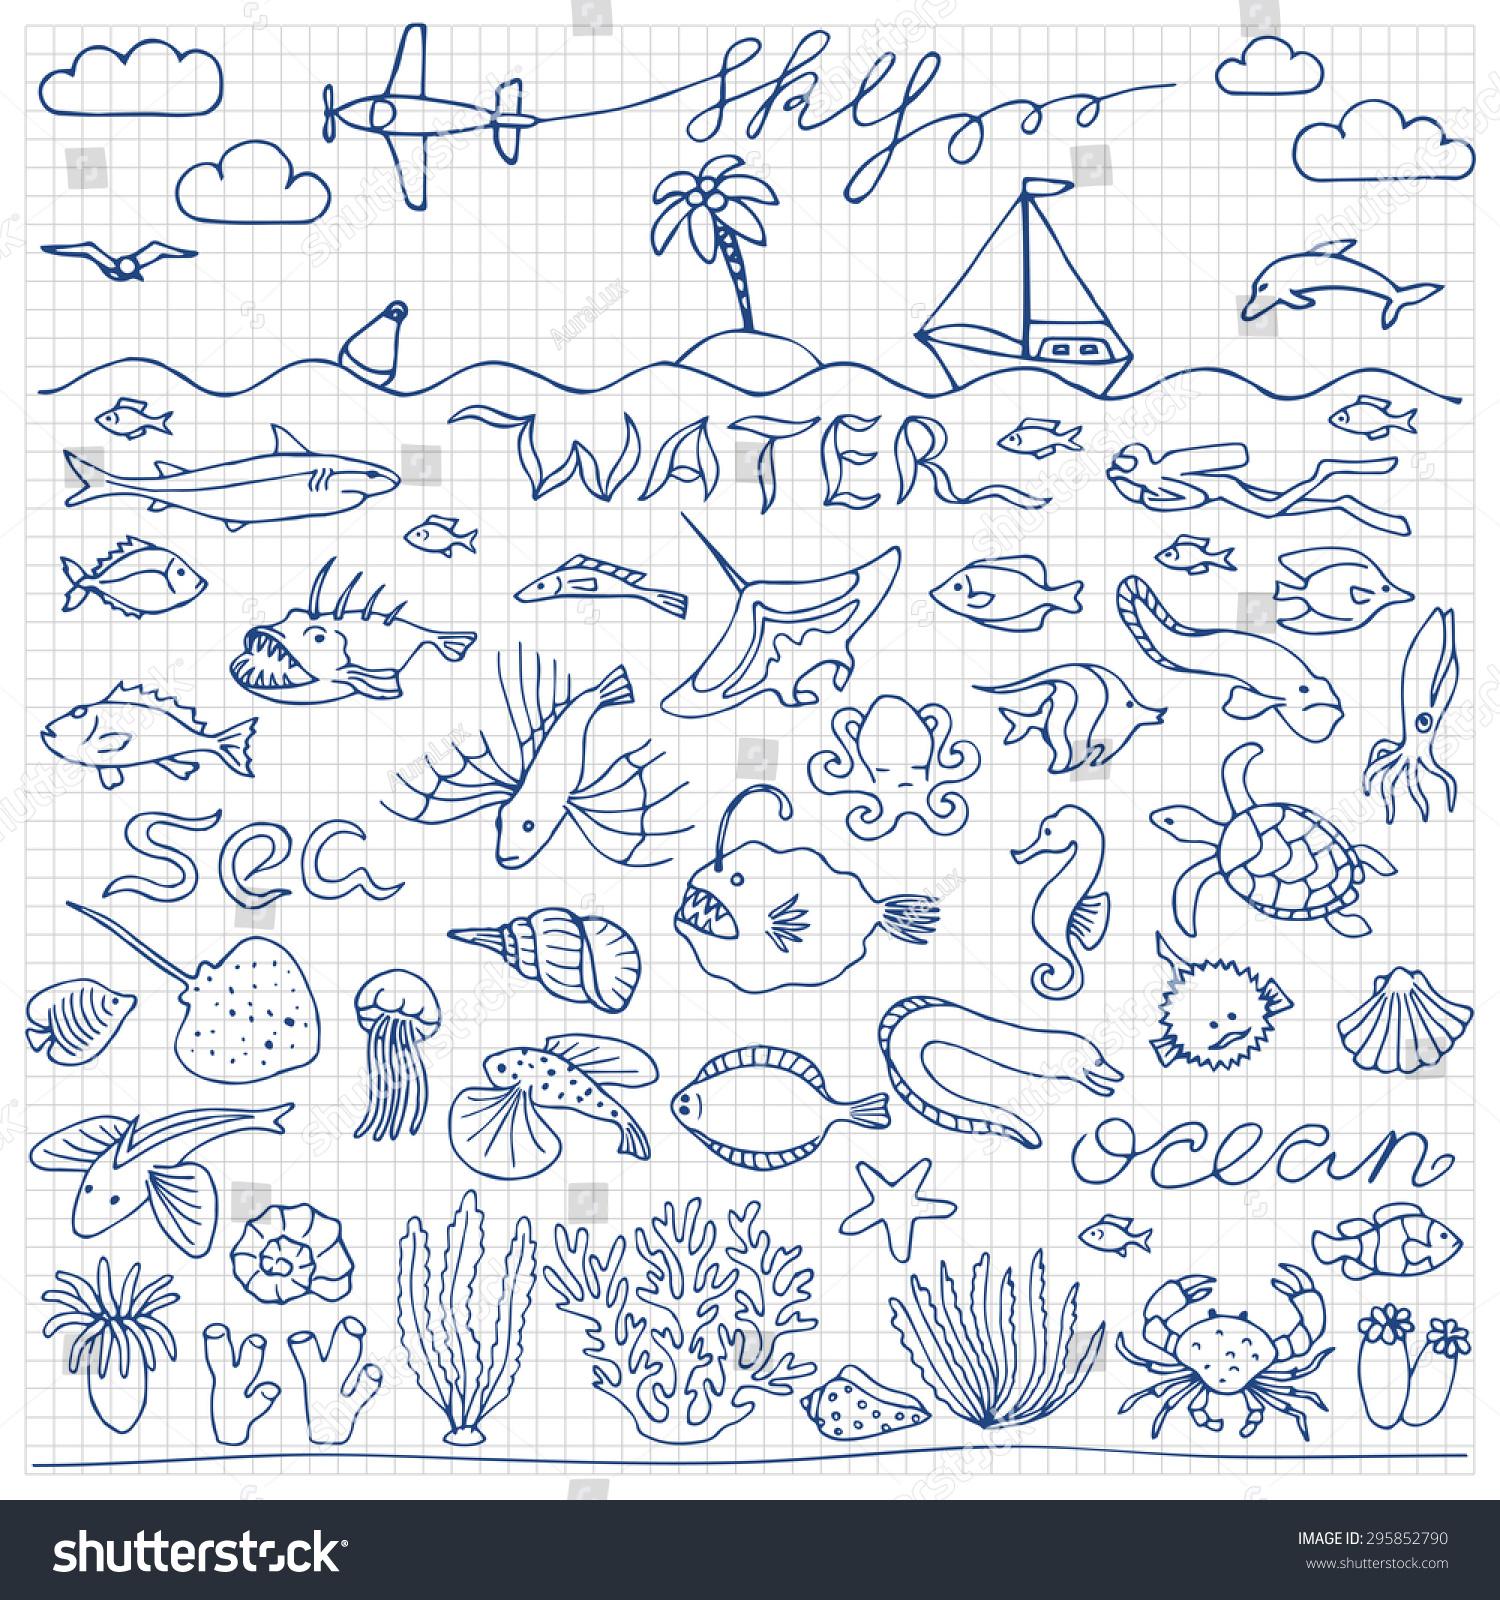 海底世界手绘涂鸦集